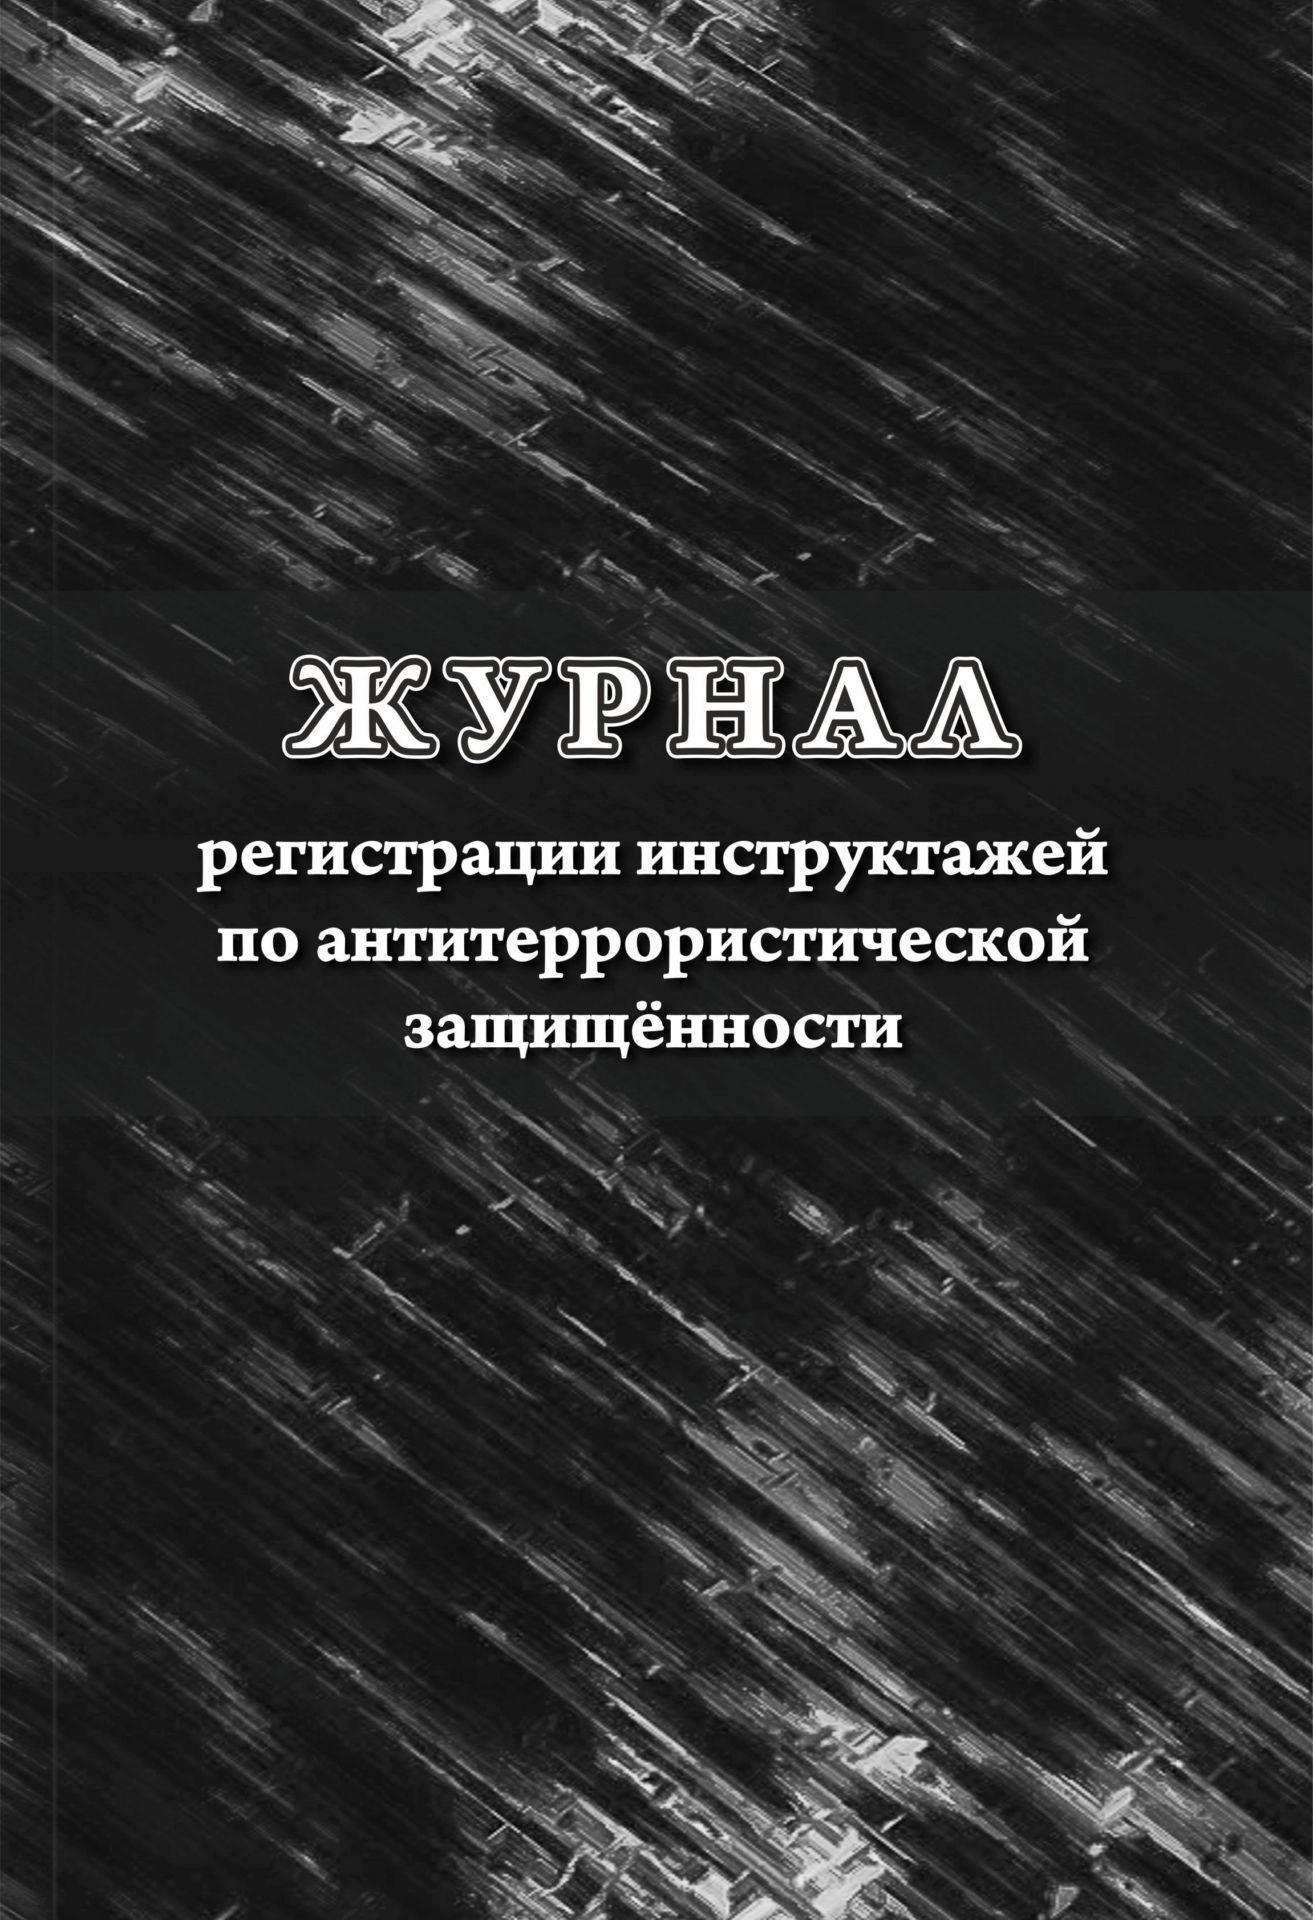 Журнал регистрации инструктажей по антитеррористической защищённости